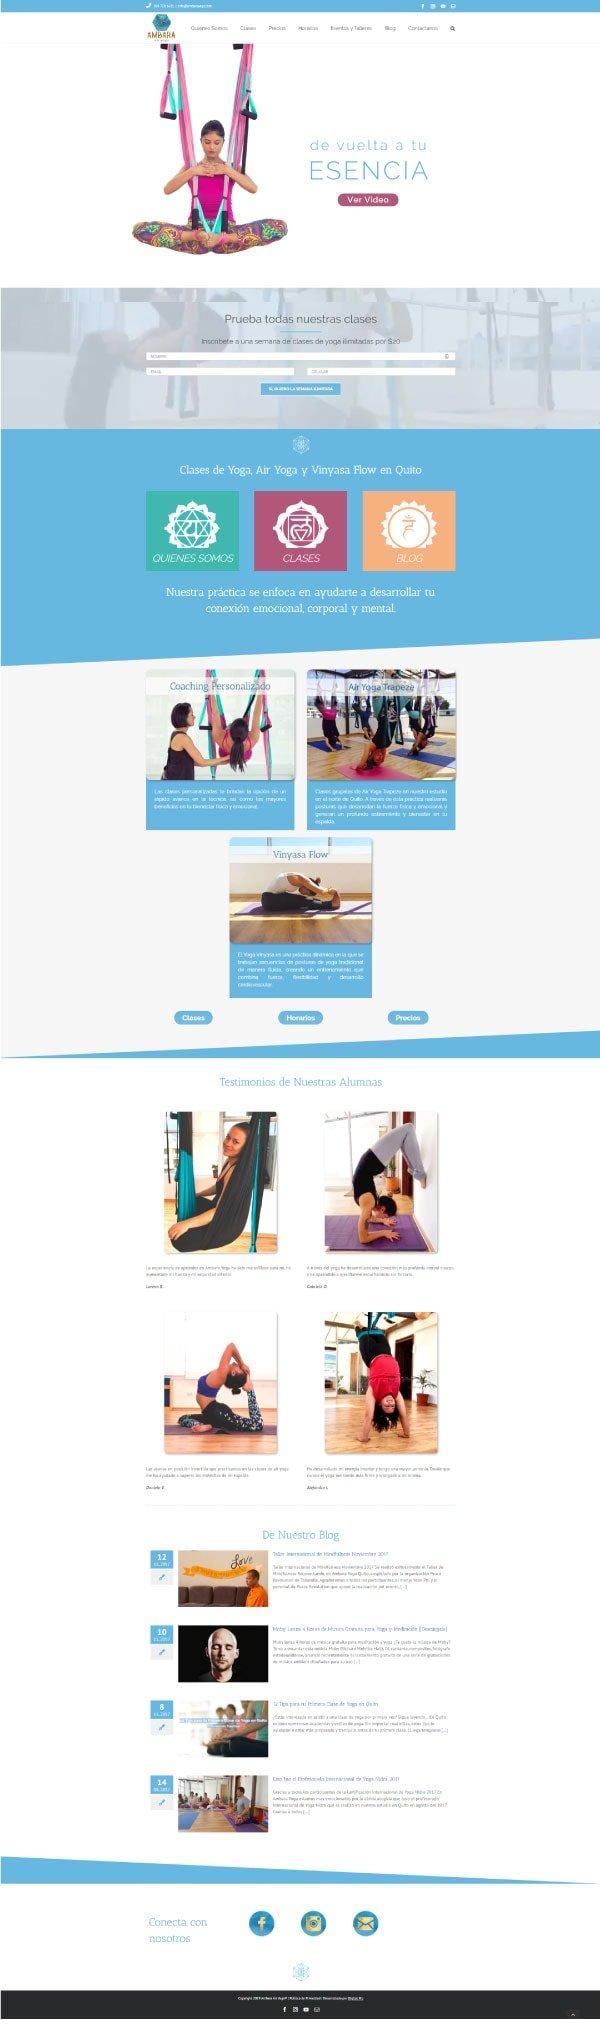 Página web desarrollada con Elementor